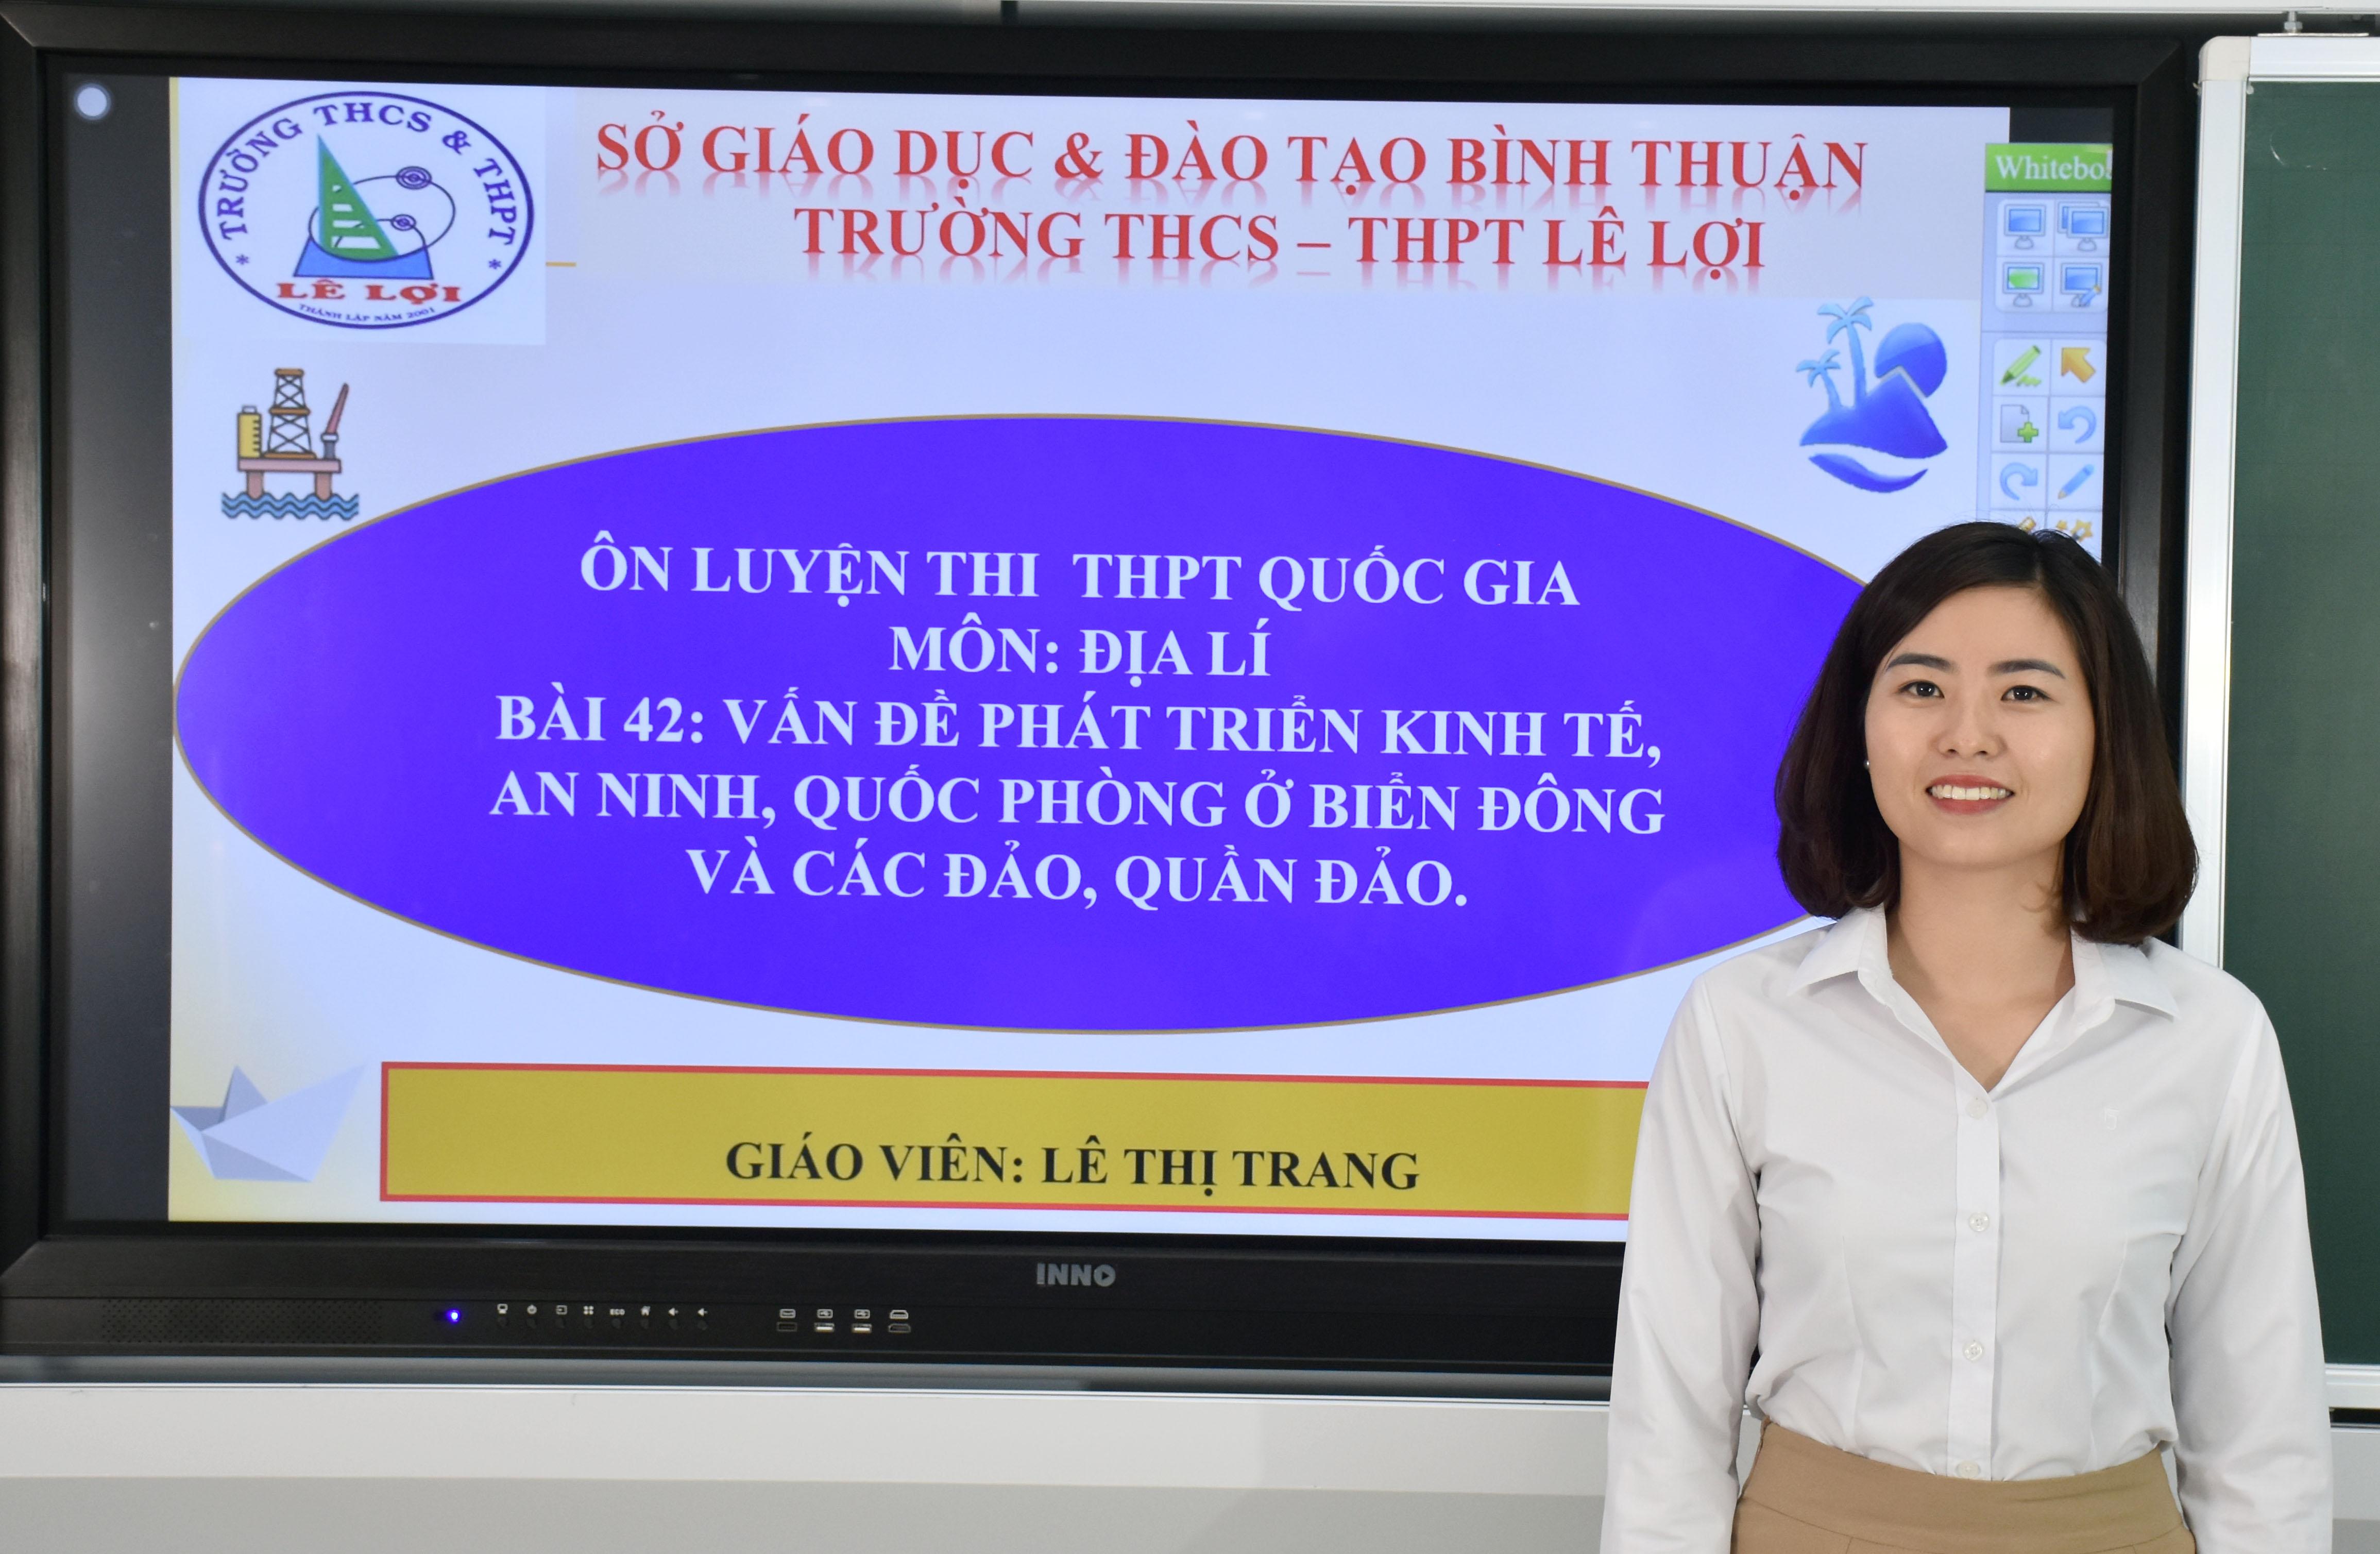 Khối lớp 12 - Vấn đề phát triển kinh tế, an ninh, quốc phòng ở biển Đông và các đảo, quần đảo - Cô Lê Thị Trang